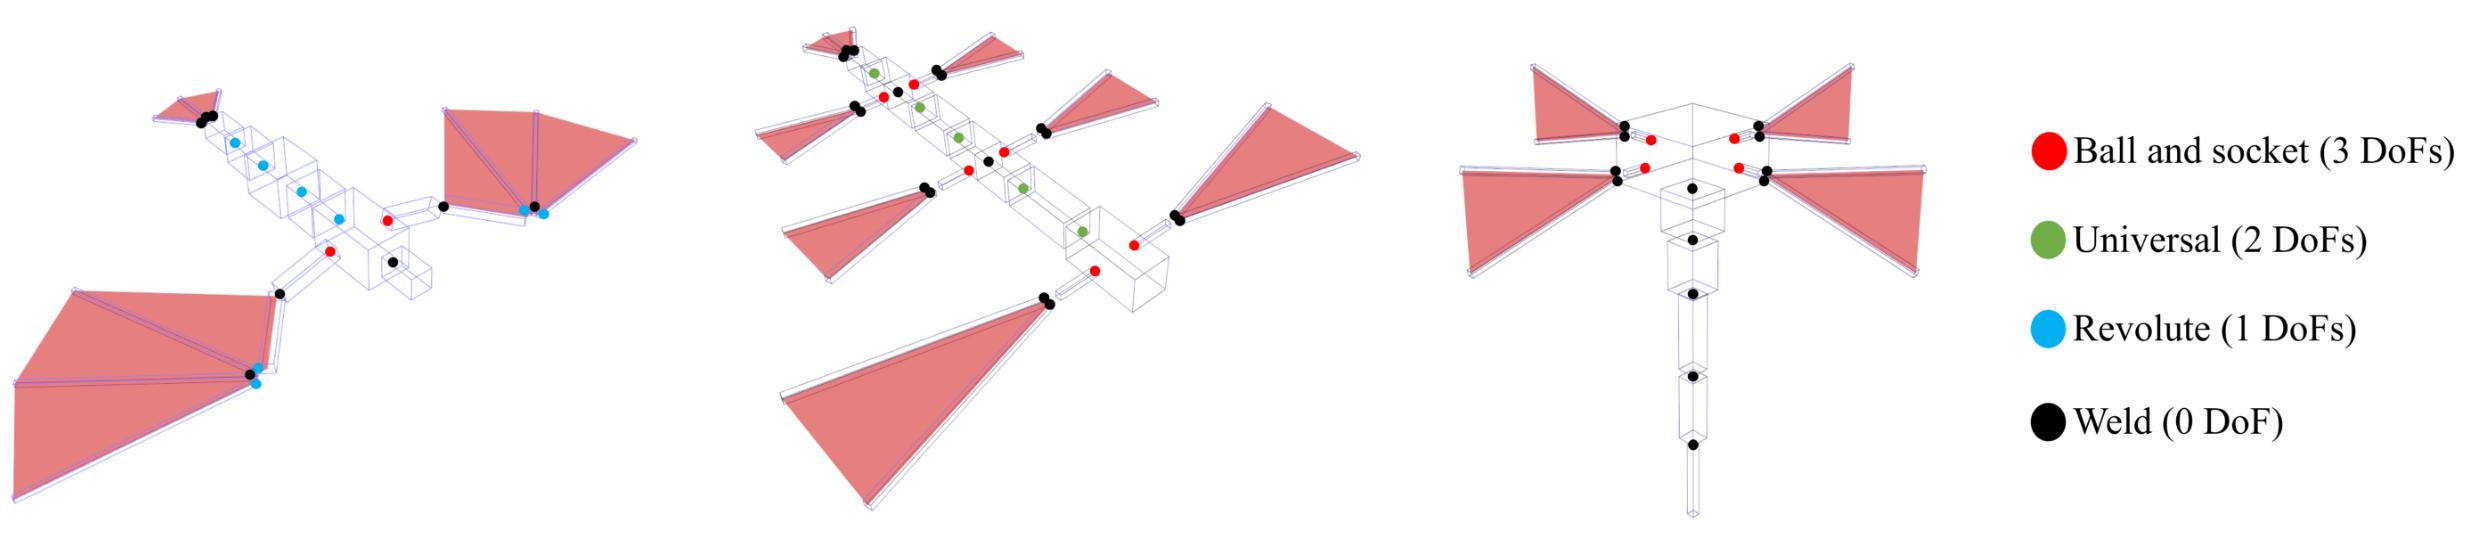 그림2. 컴퓨터상에서 재현된 비행생명체들의 모습. 서양의 용과 비슷한 생명체(왼쪽), 몸은 유연하고 날개가 3개가 달린 생명체(가운데), 민들레 포자를 모사한 몸 크기에 비하여 무게가 매우 가벼운 생명체(오른쪽)